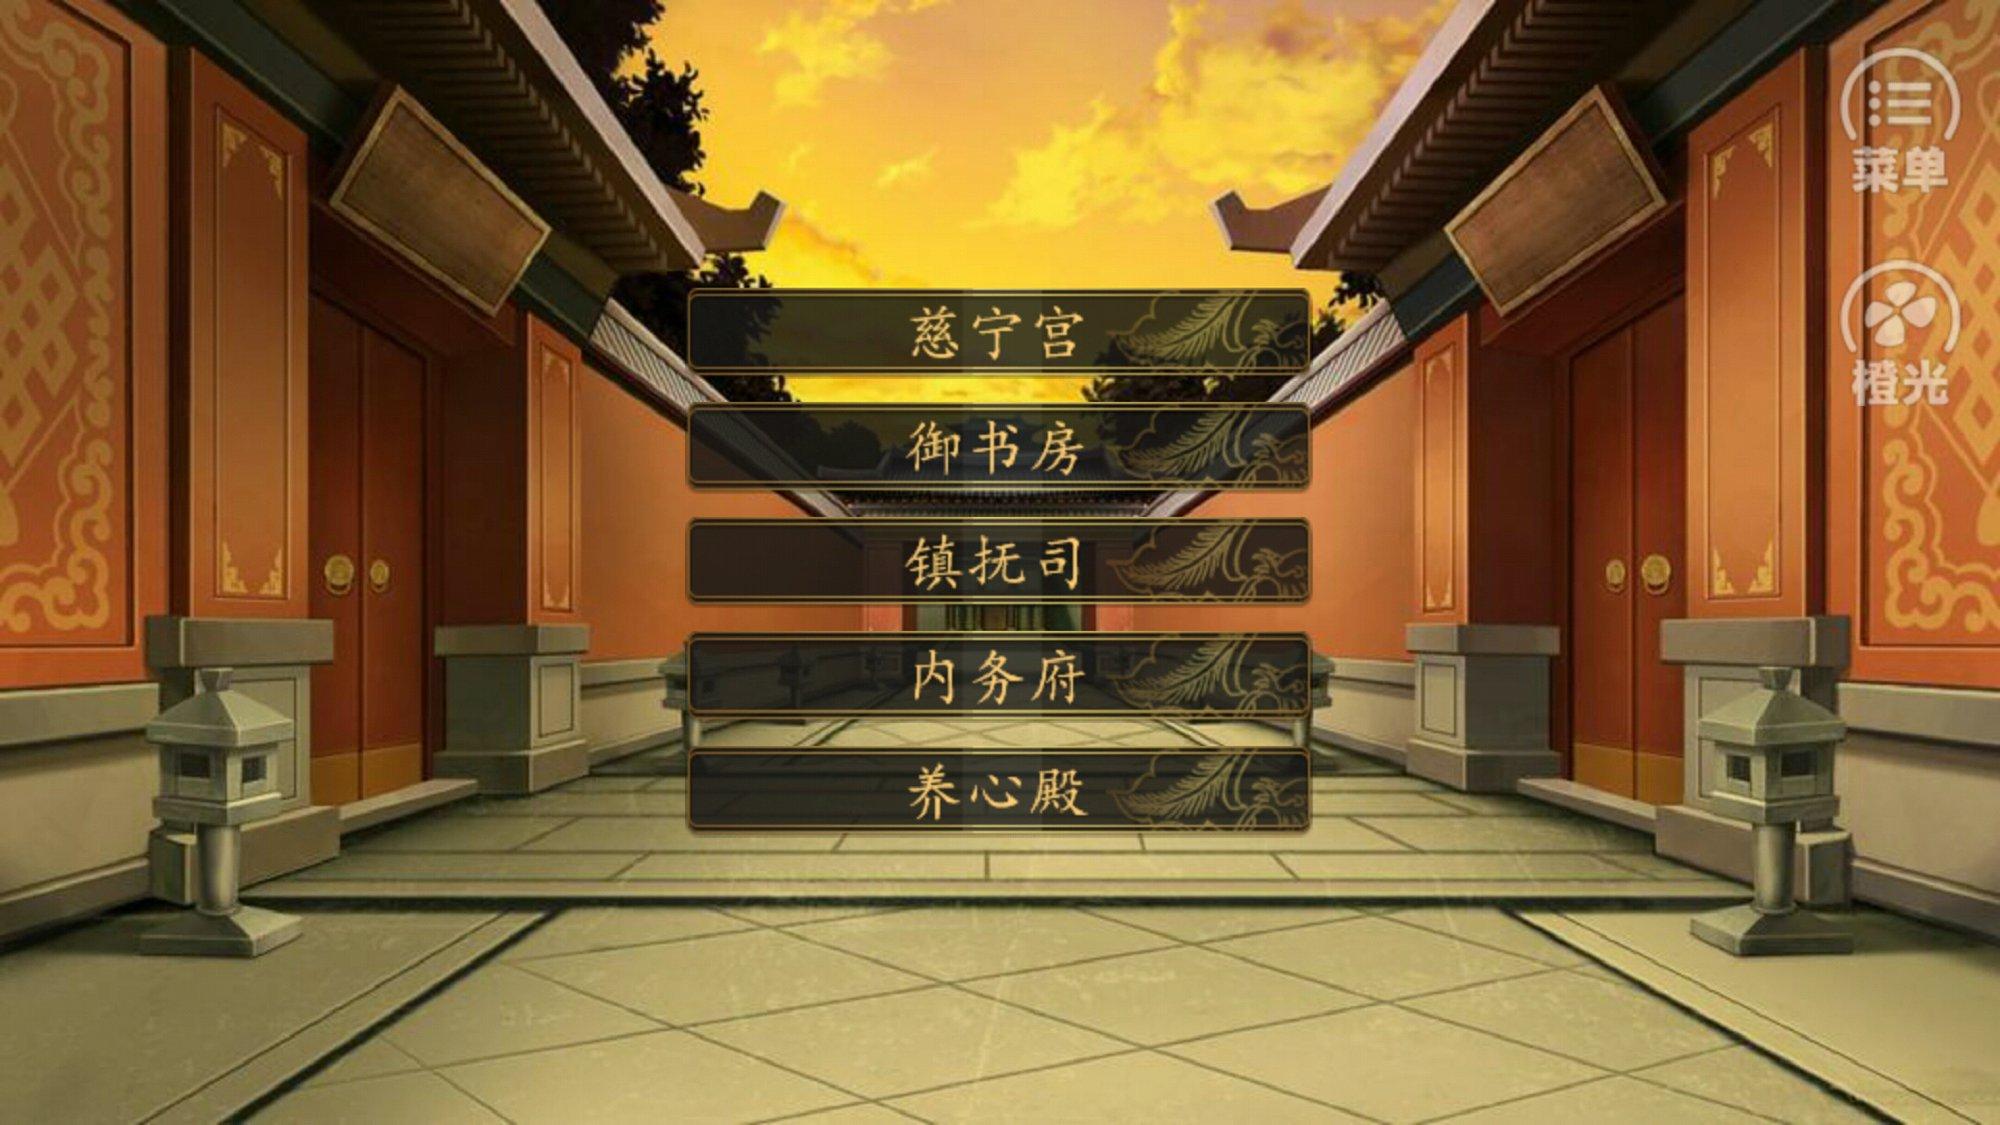 牧云皇朝 v3.1截图